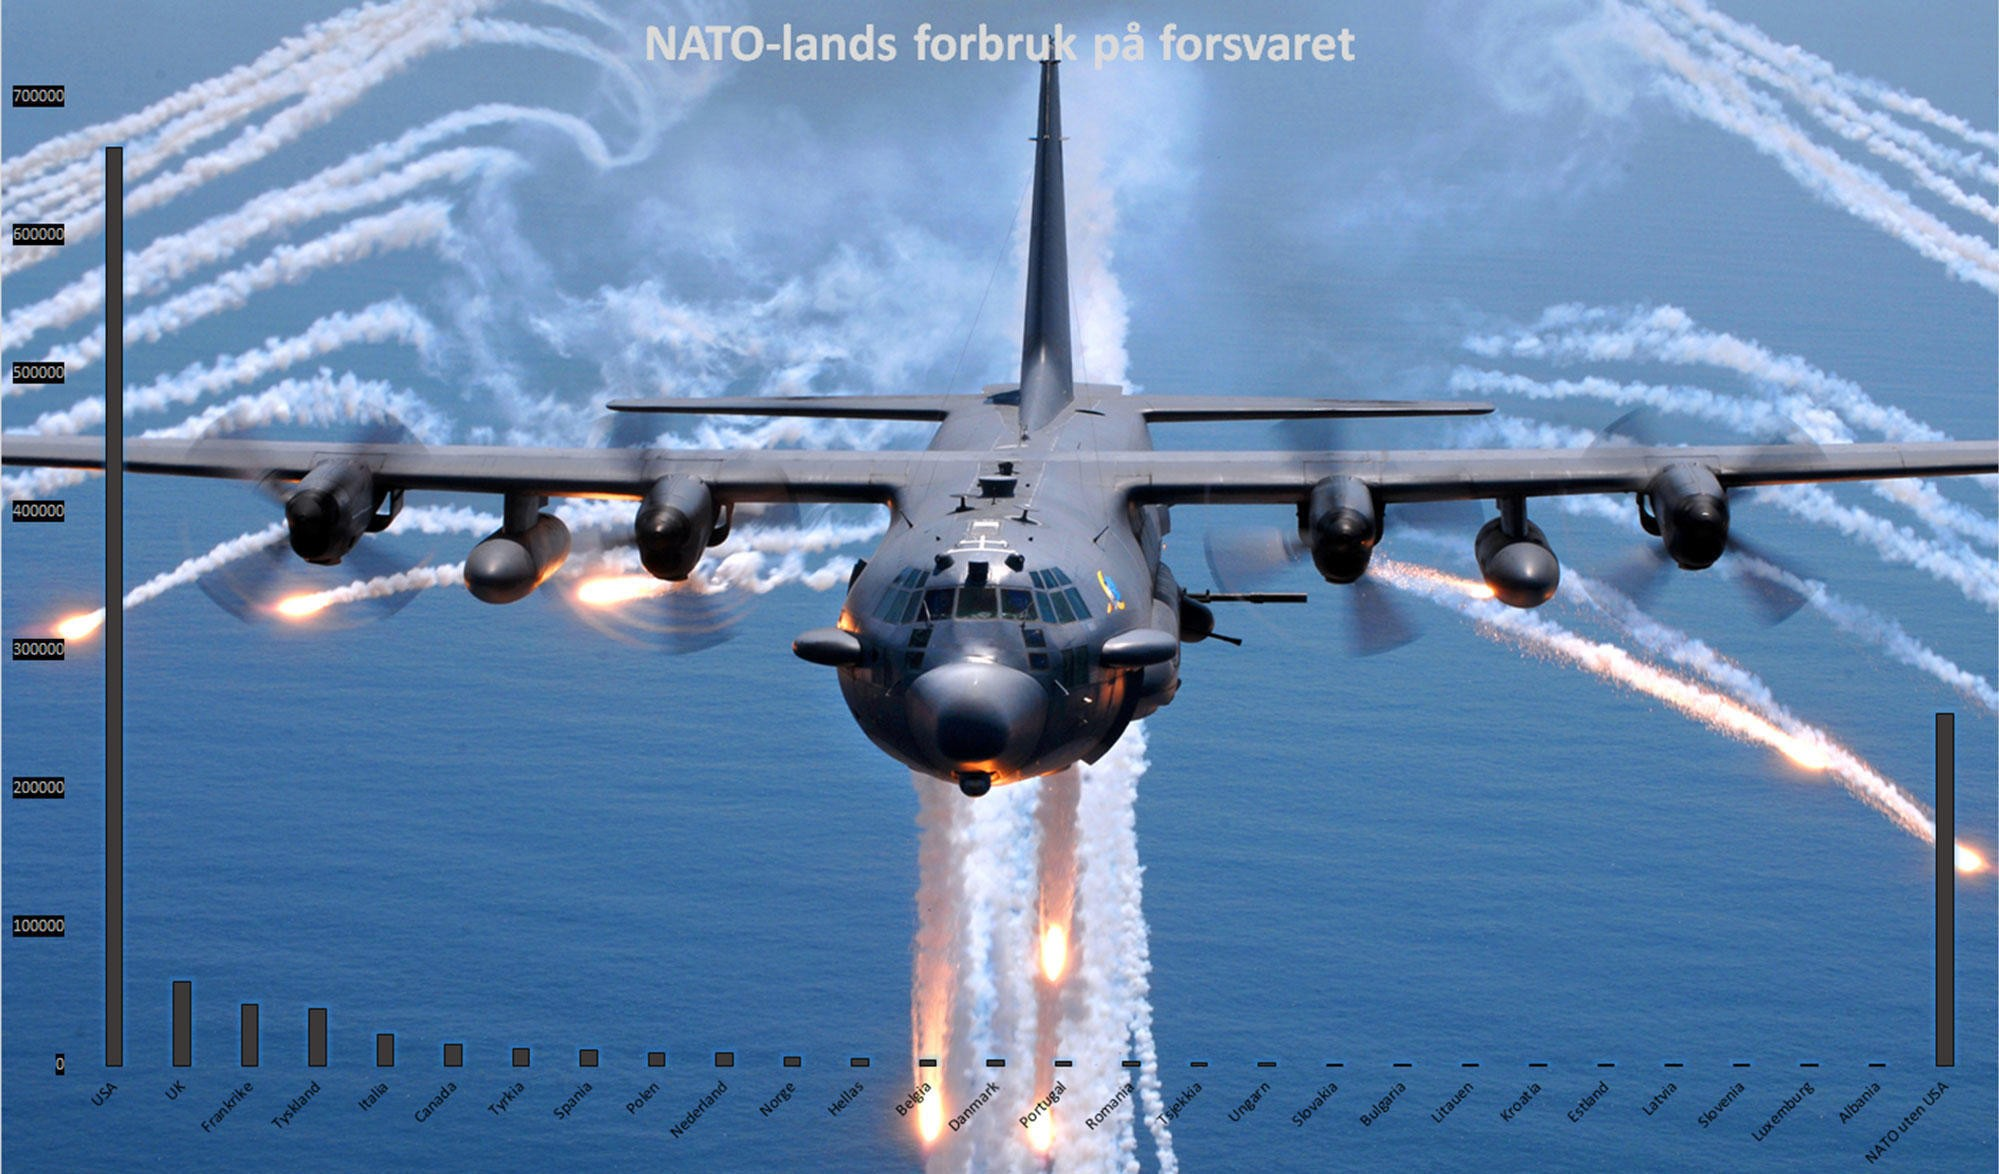 USA er det NATO-landet som bruker desidert mest penger på forsvar, og har kapasiteter som andre land bare kan drømme om - som AC-130 som vi her ser i bakgrunnen. (Tall i millioner USD)